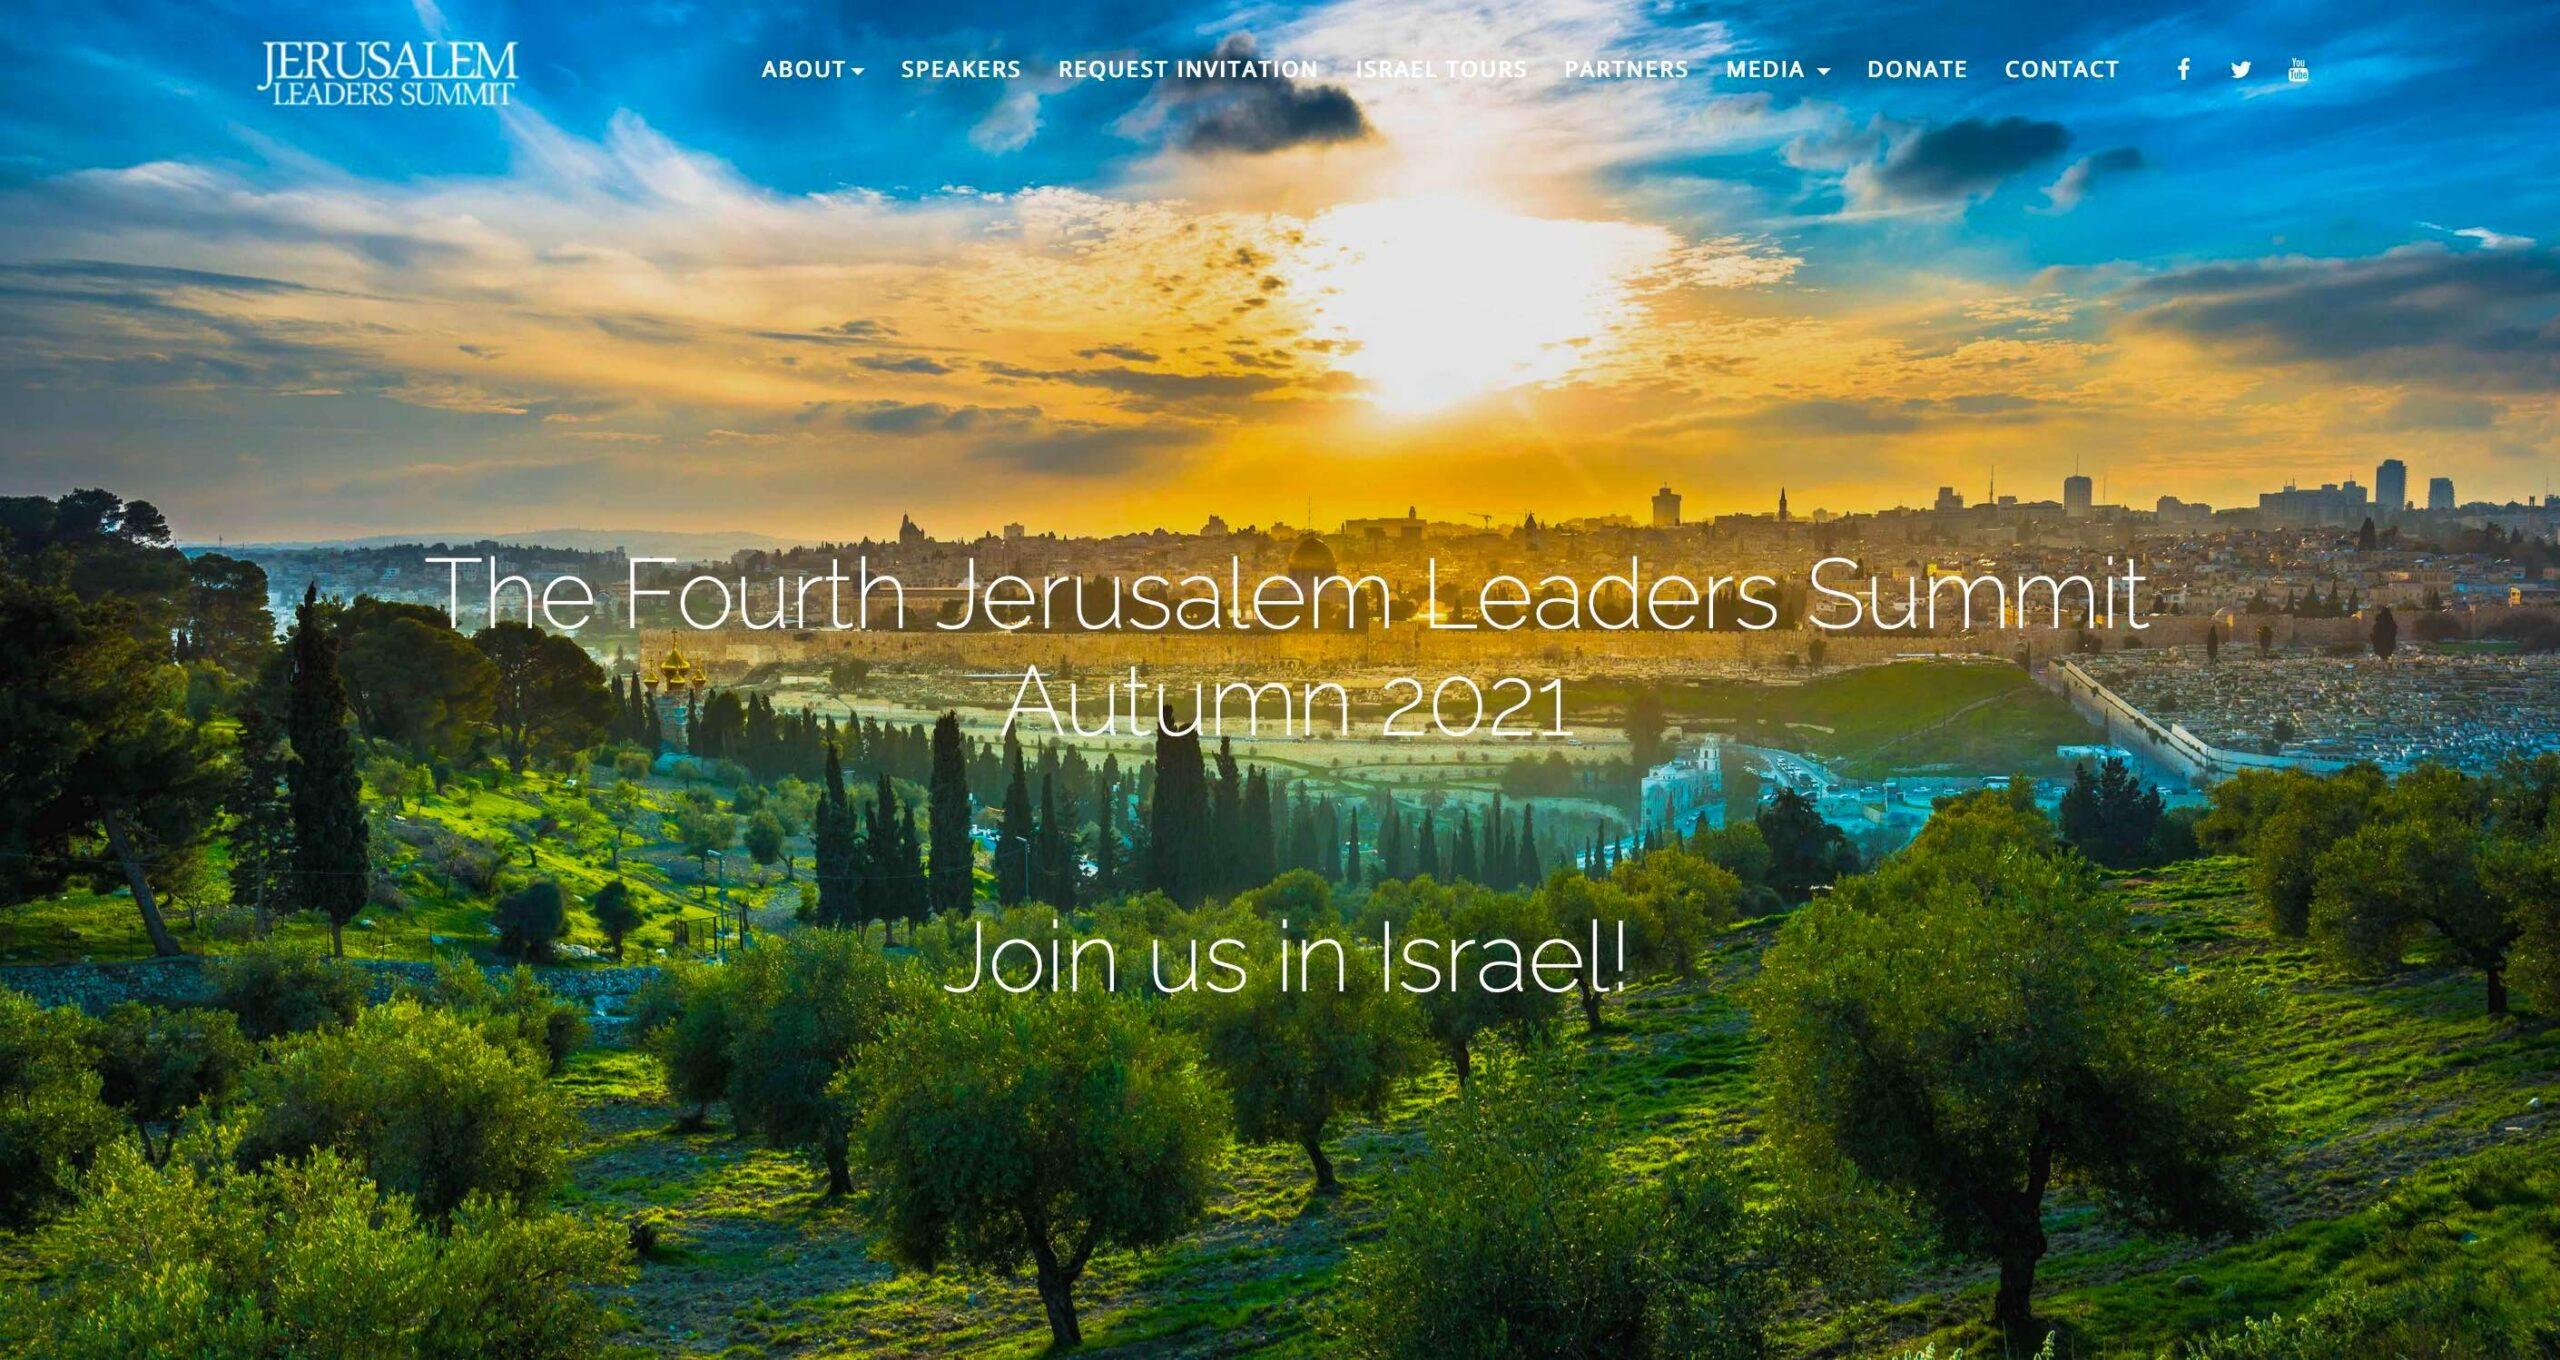 2021 JERUSALEM LEADERS SUMMIT